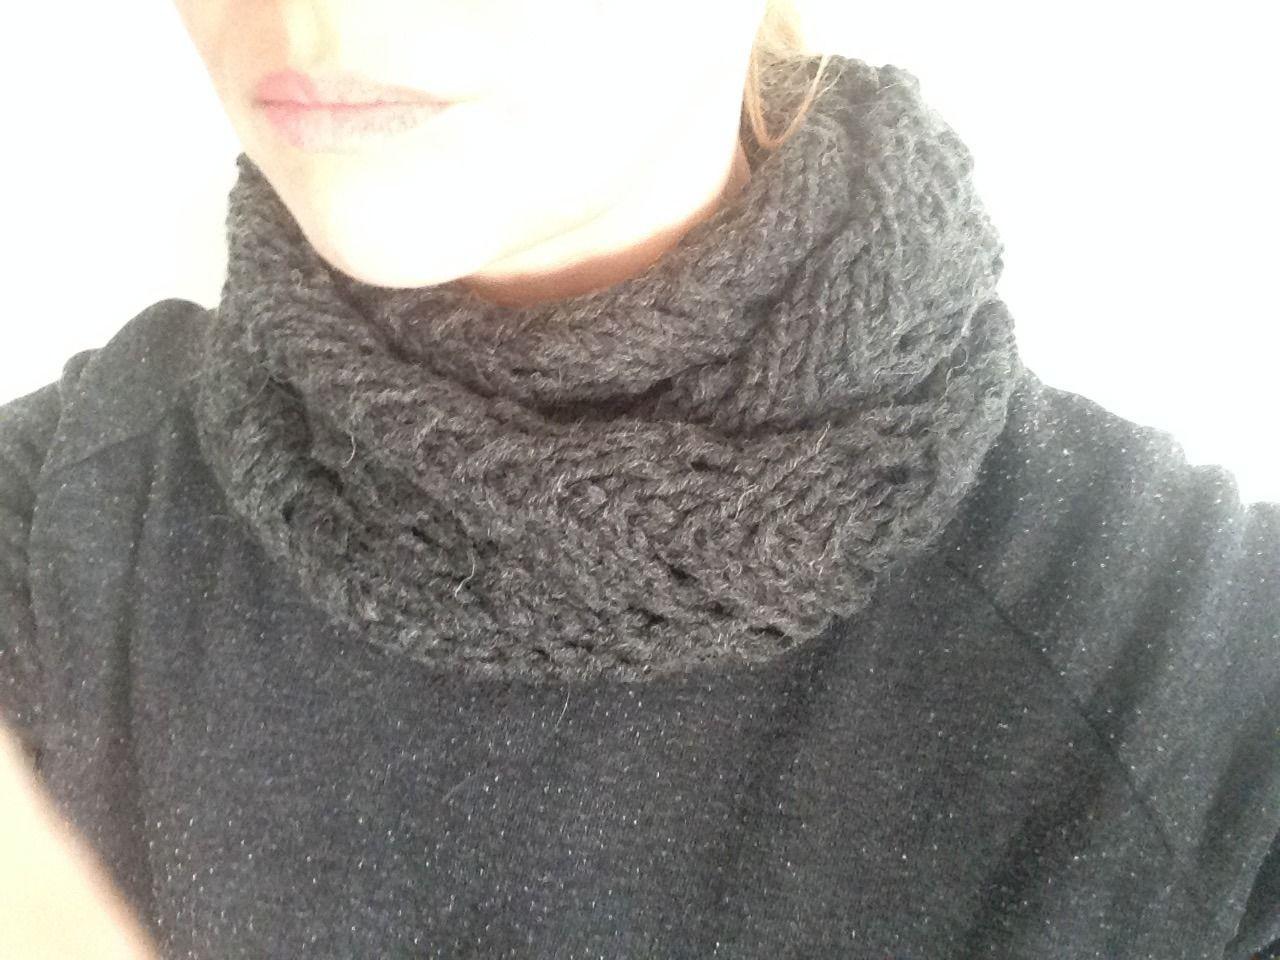 Tour du cou en laine : Echarpe, foulard, cravate par le-monde-de-sophie